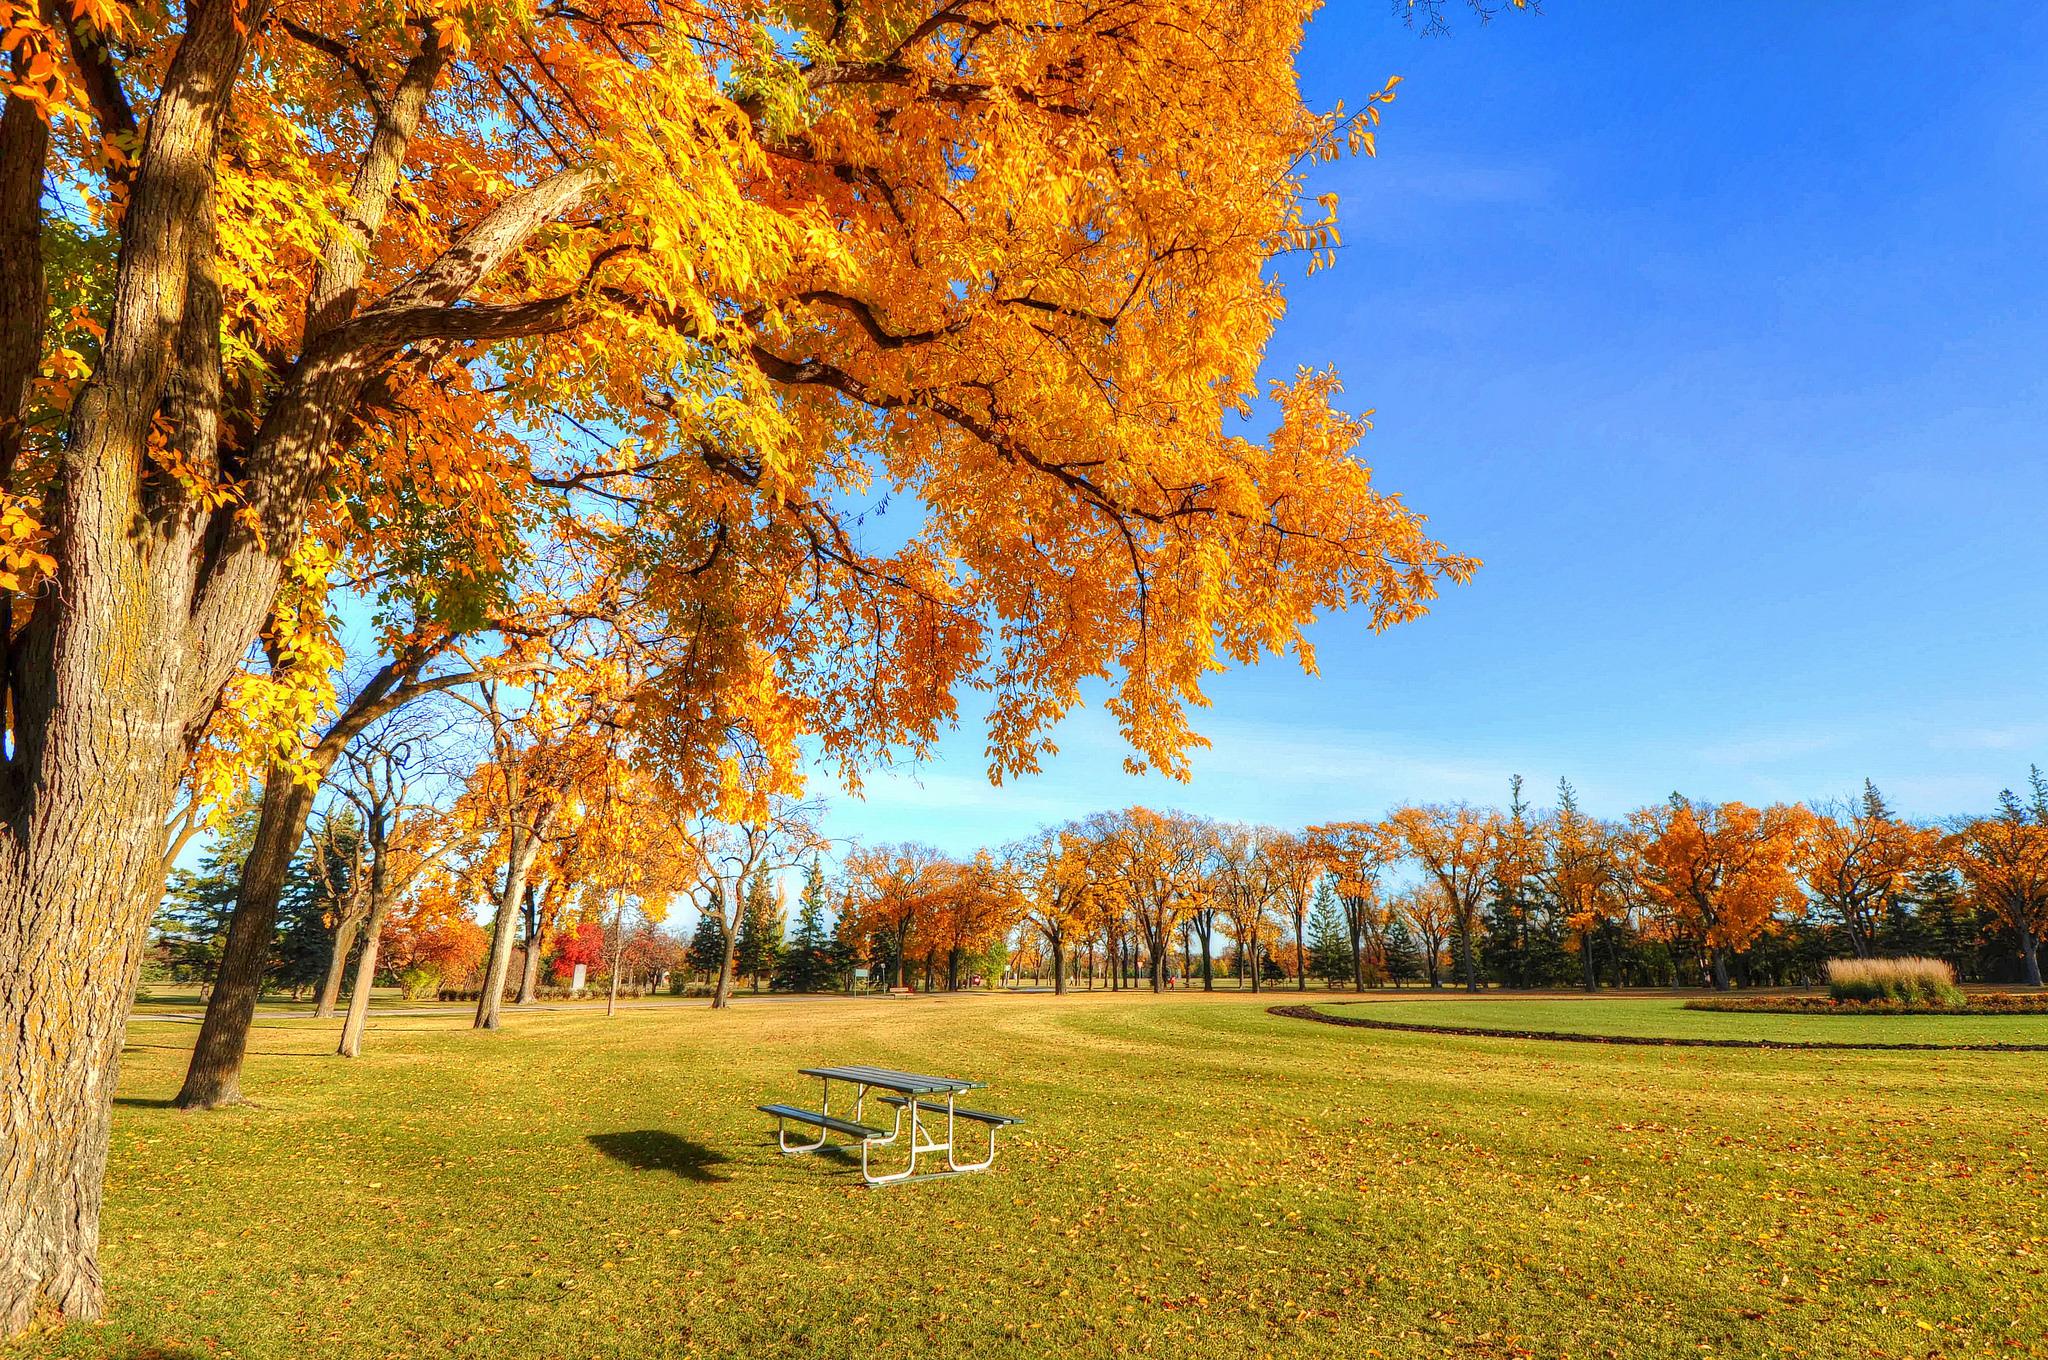 Скачать картинки осень для рабочего стола бесплатно 10